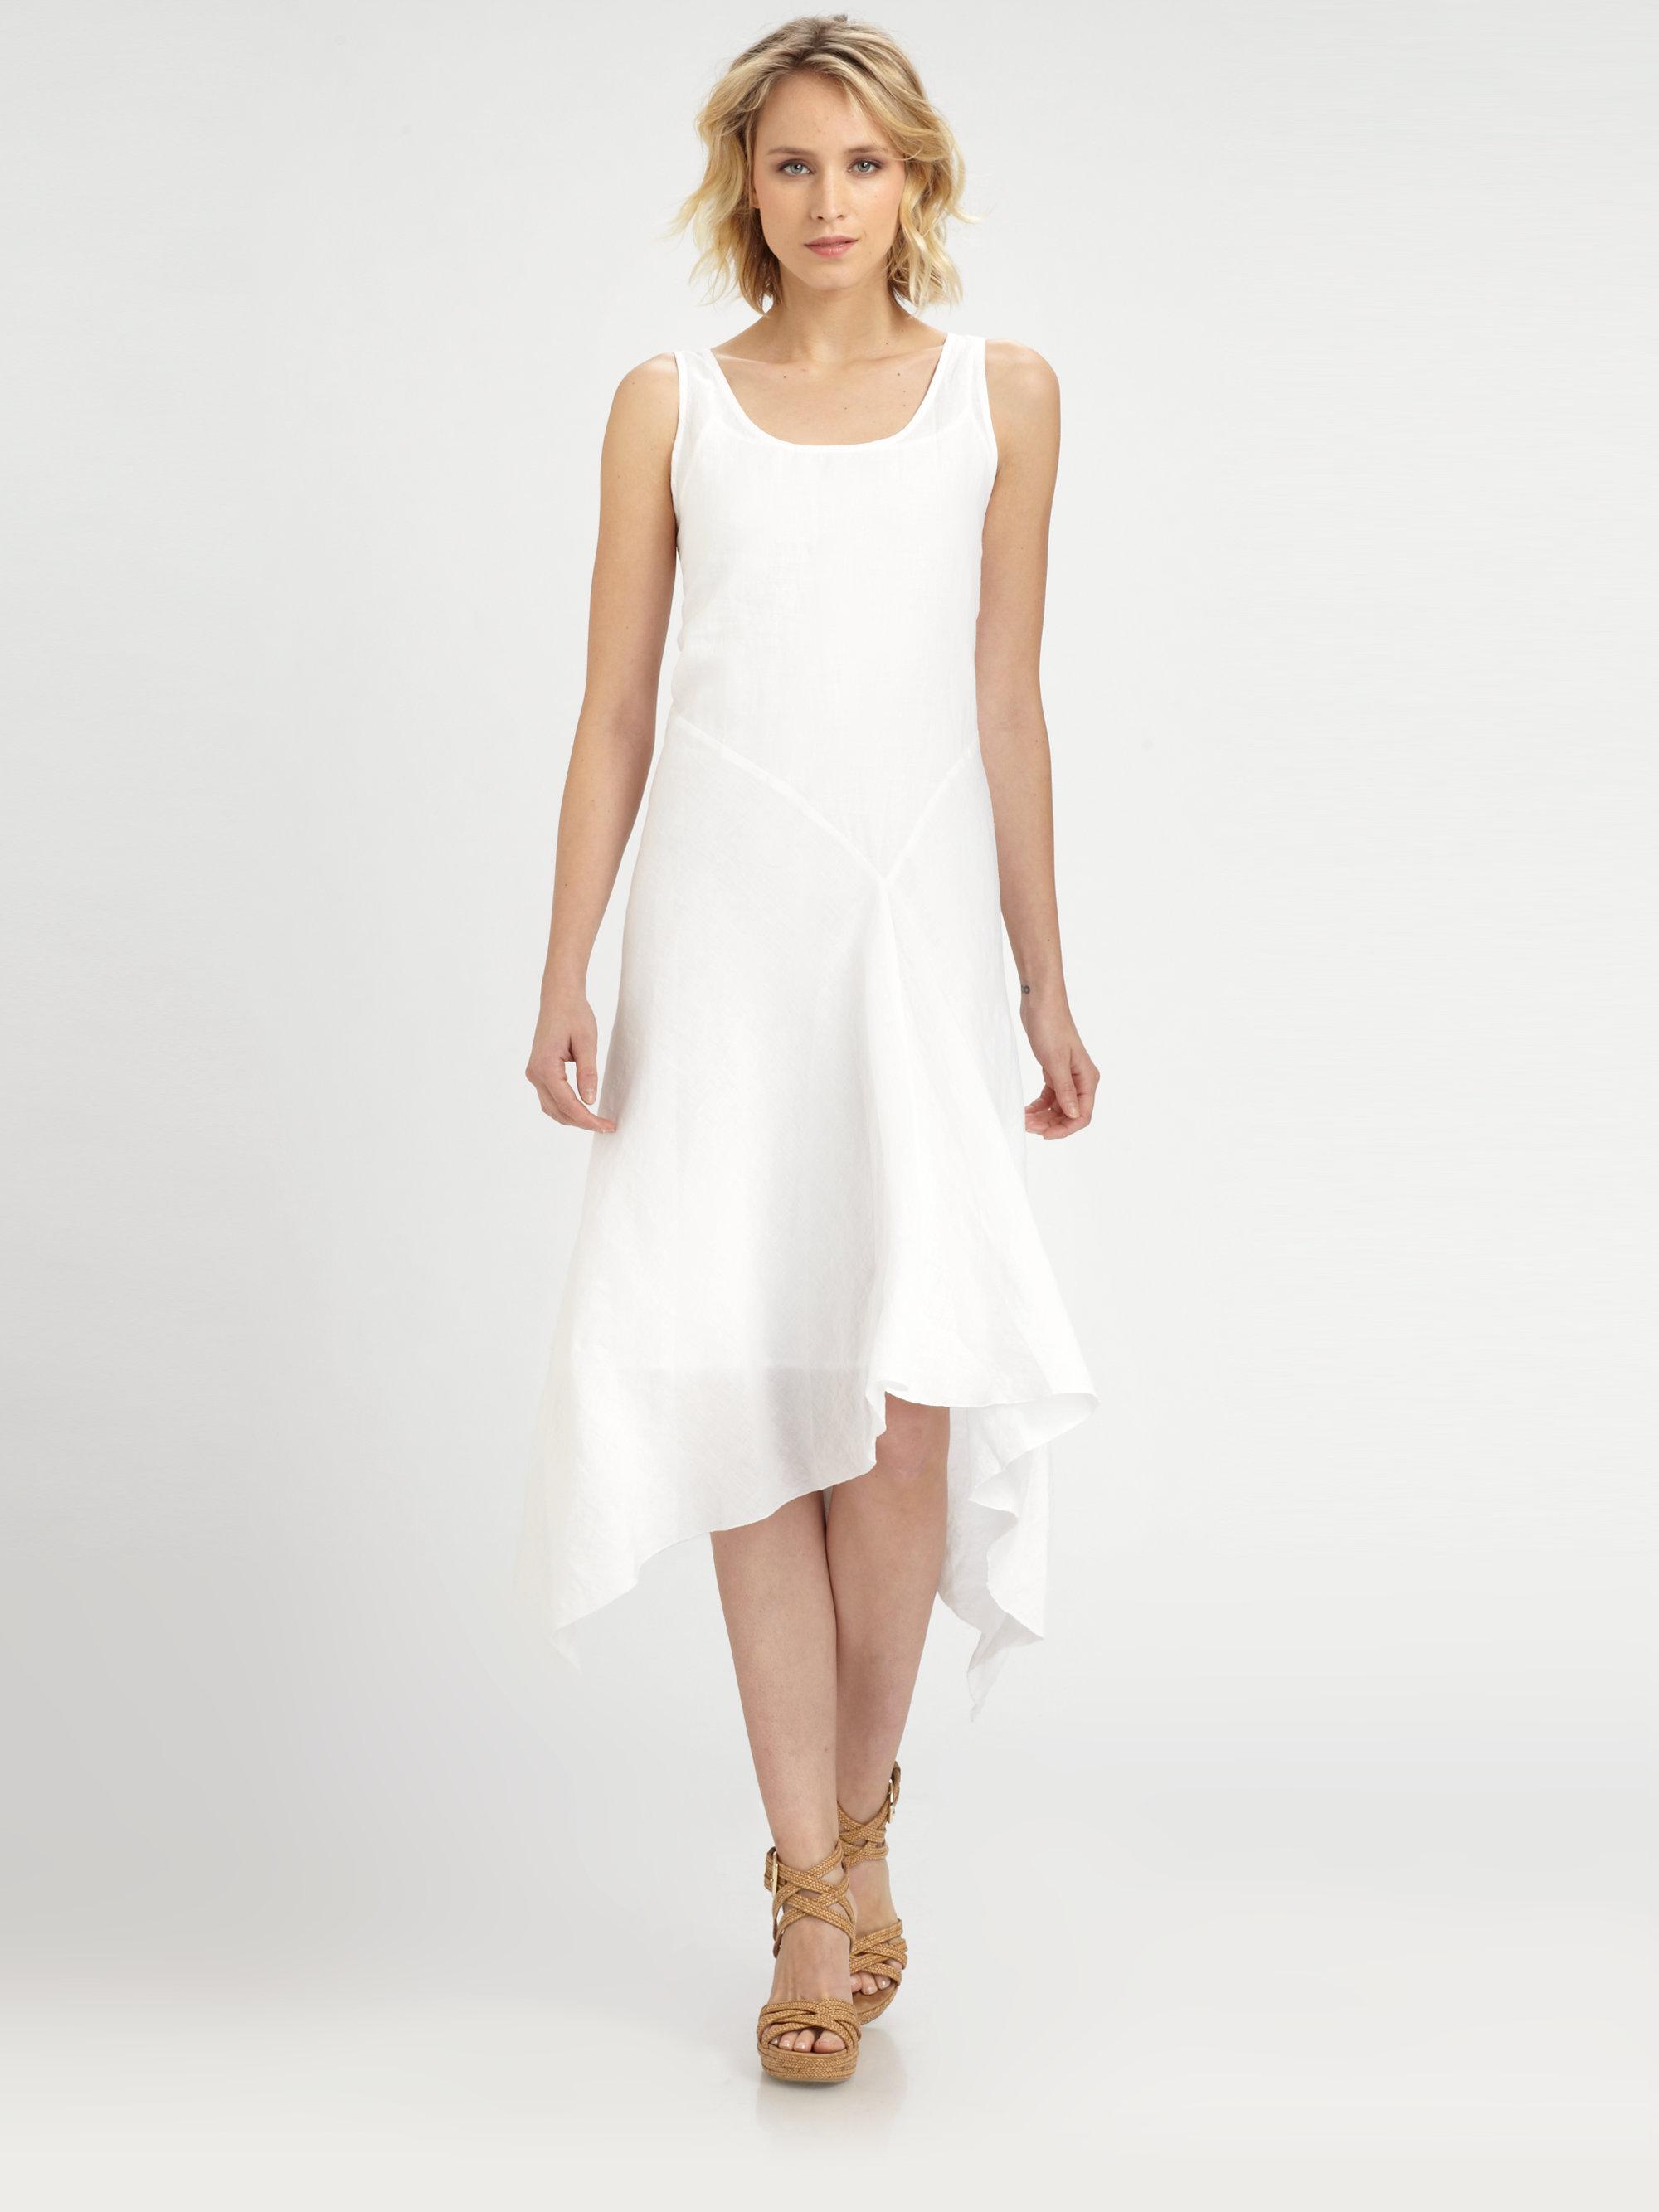 Designer Linen Dresses